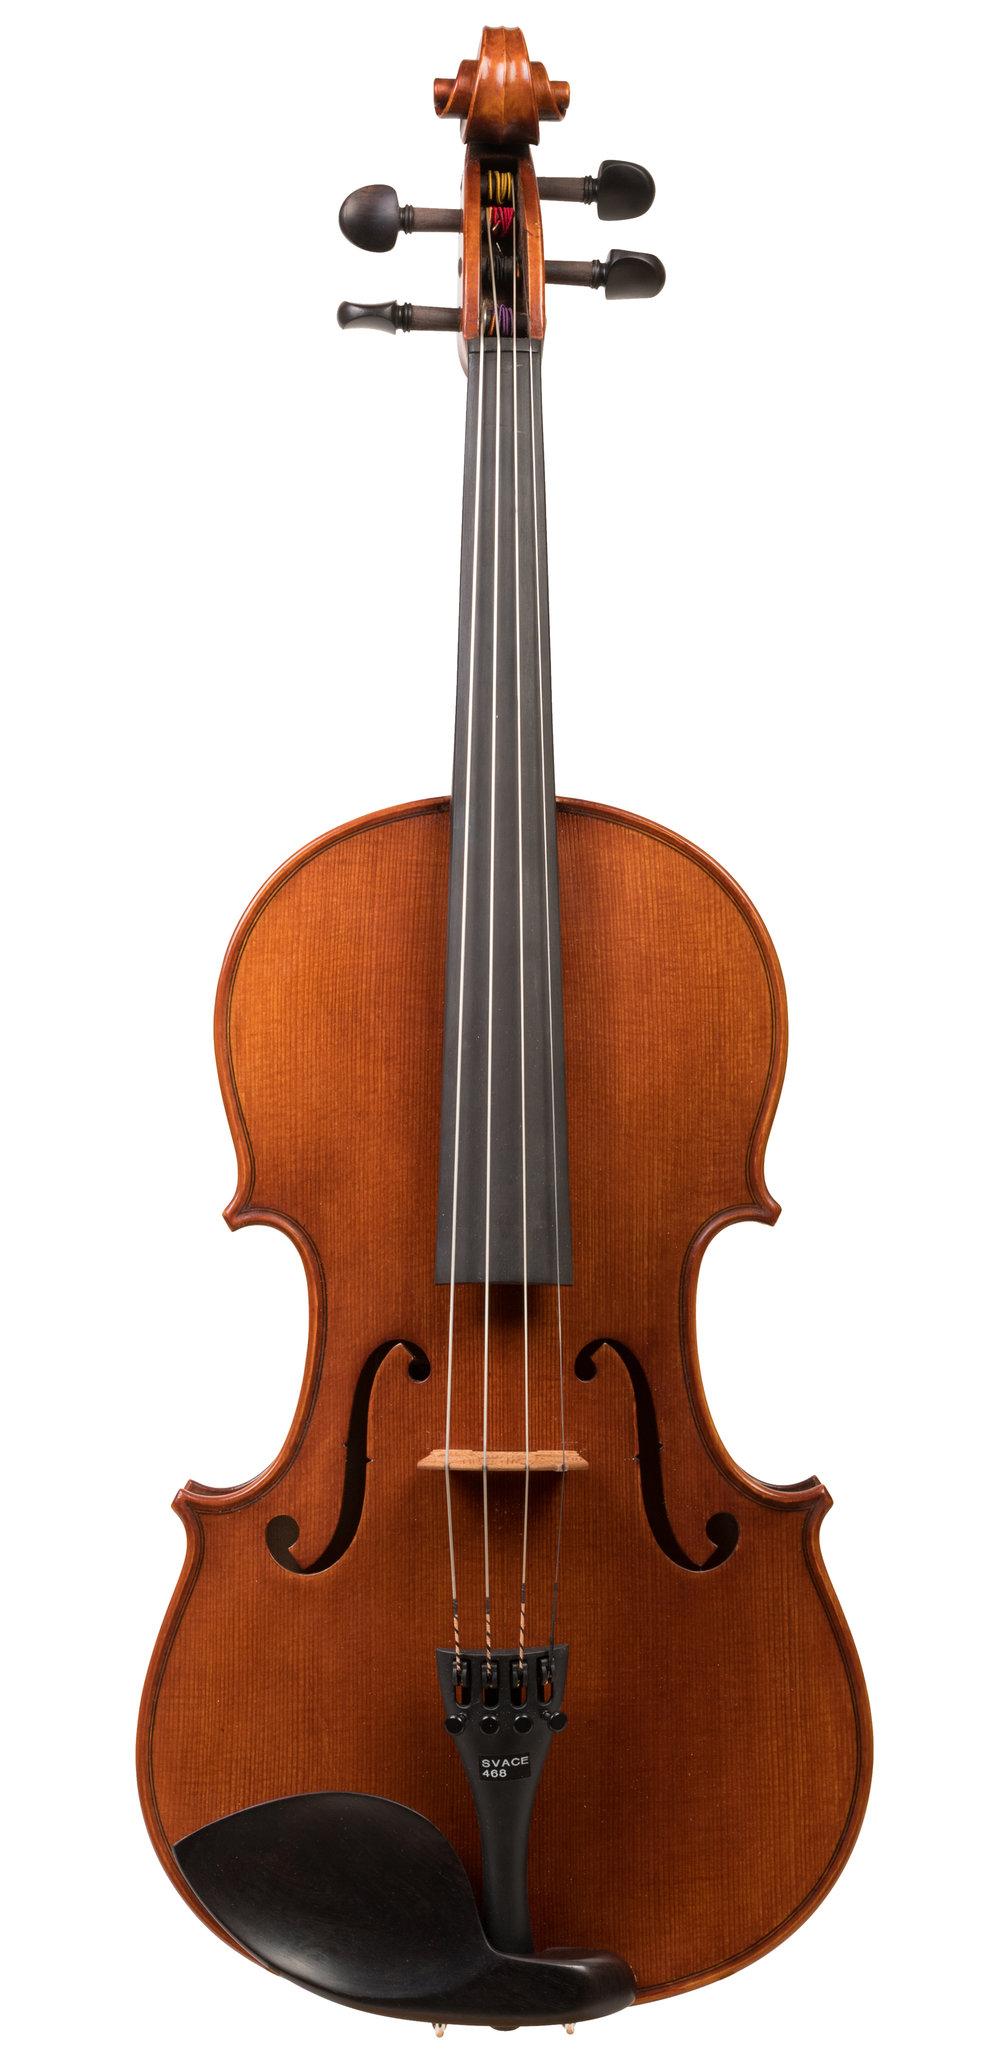 Seman Violins SVA150 -